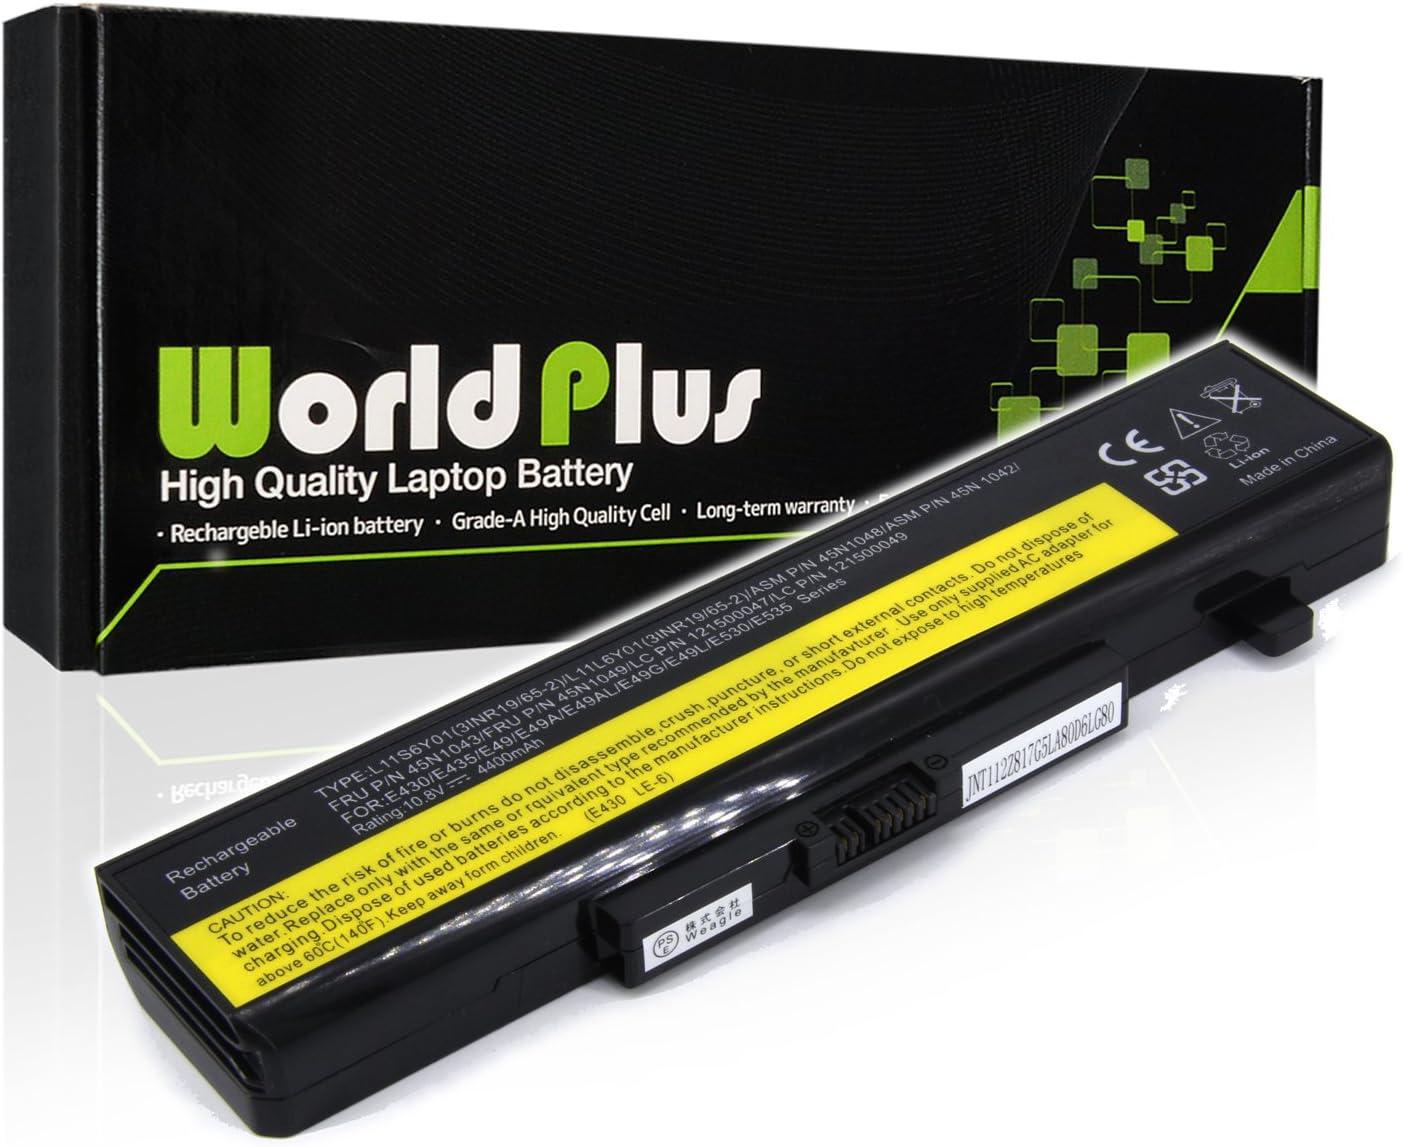 8GB SODIMM IBM-Lenovo Thinkpad E430c E431 E530c E531 E535 E545 Ram Memory